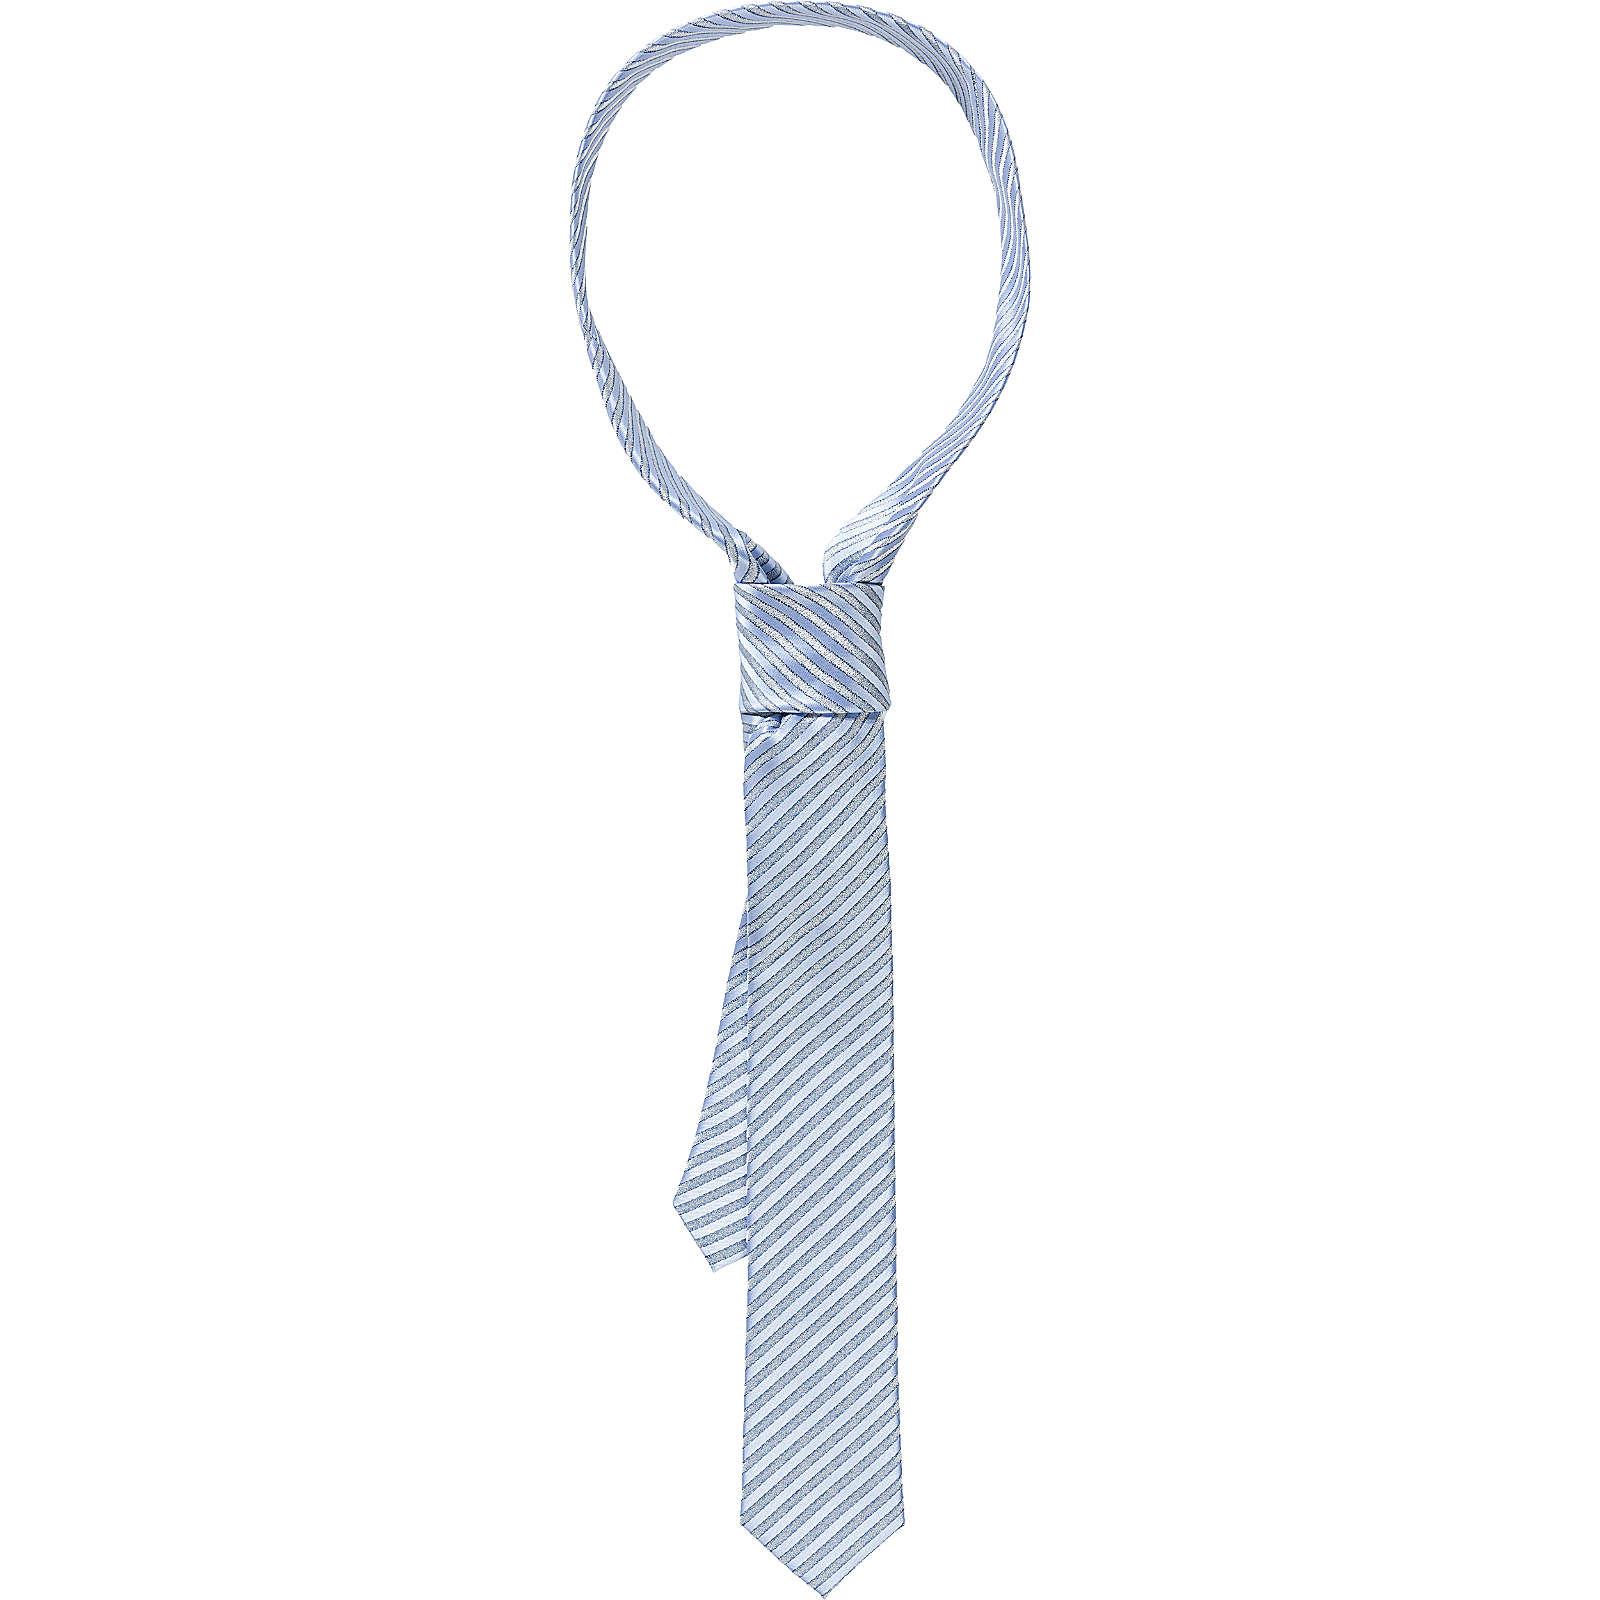 Weise Krawatte für Jungen silber-kombi Junge Gr. one size